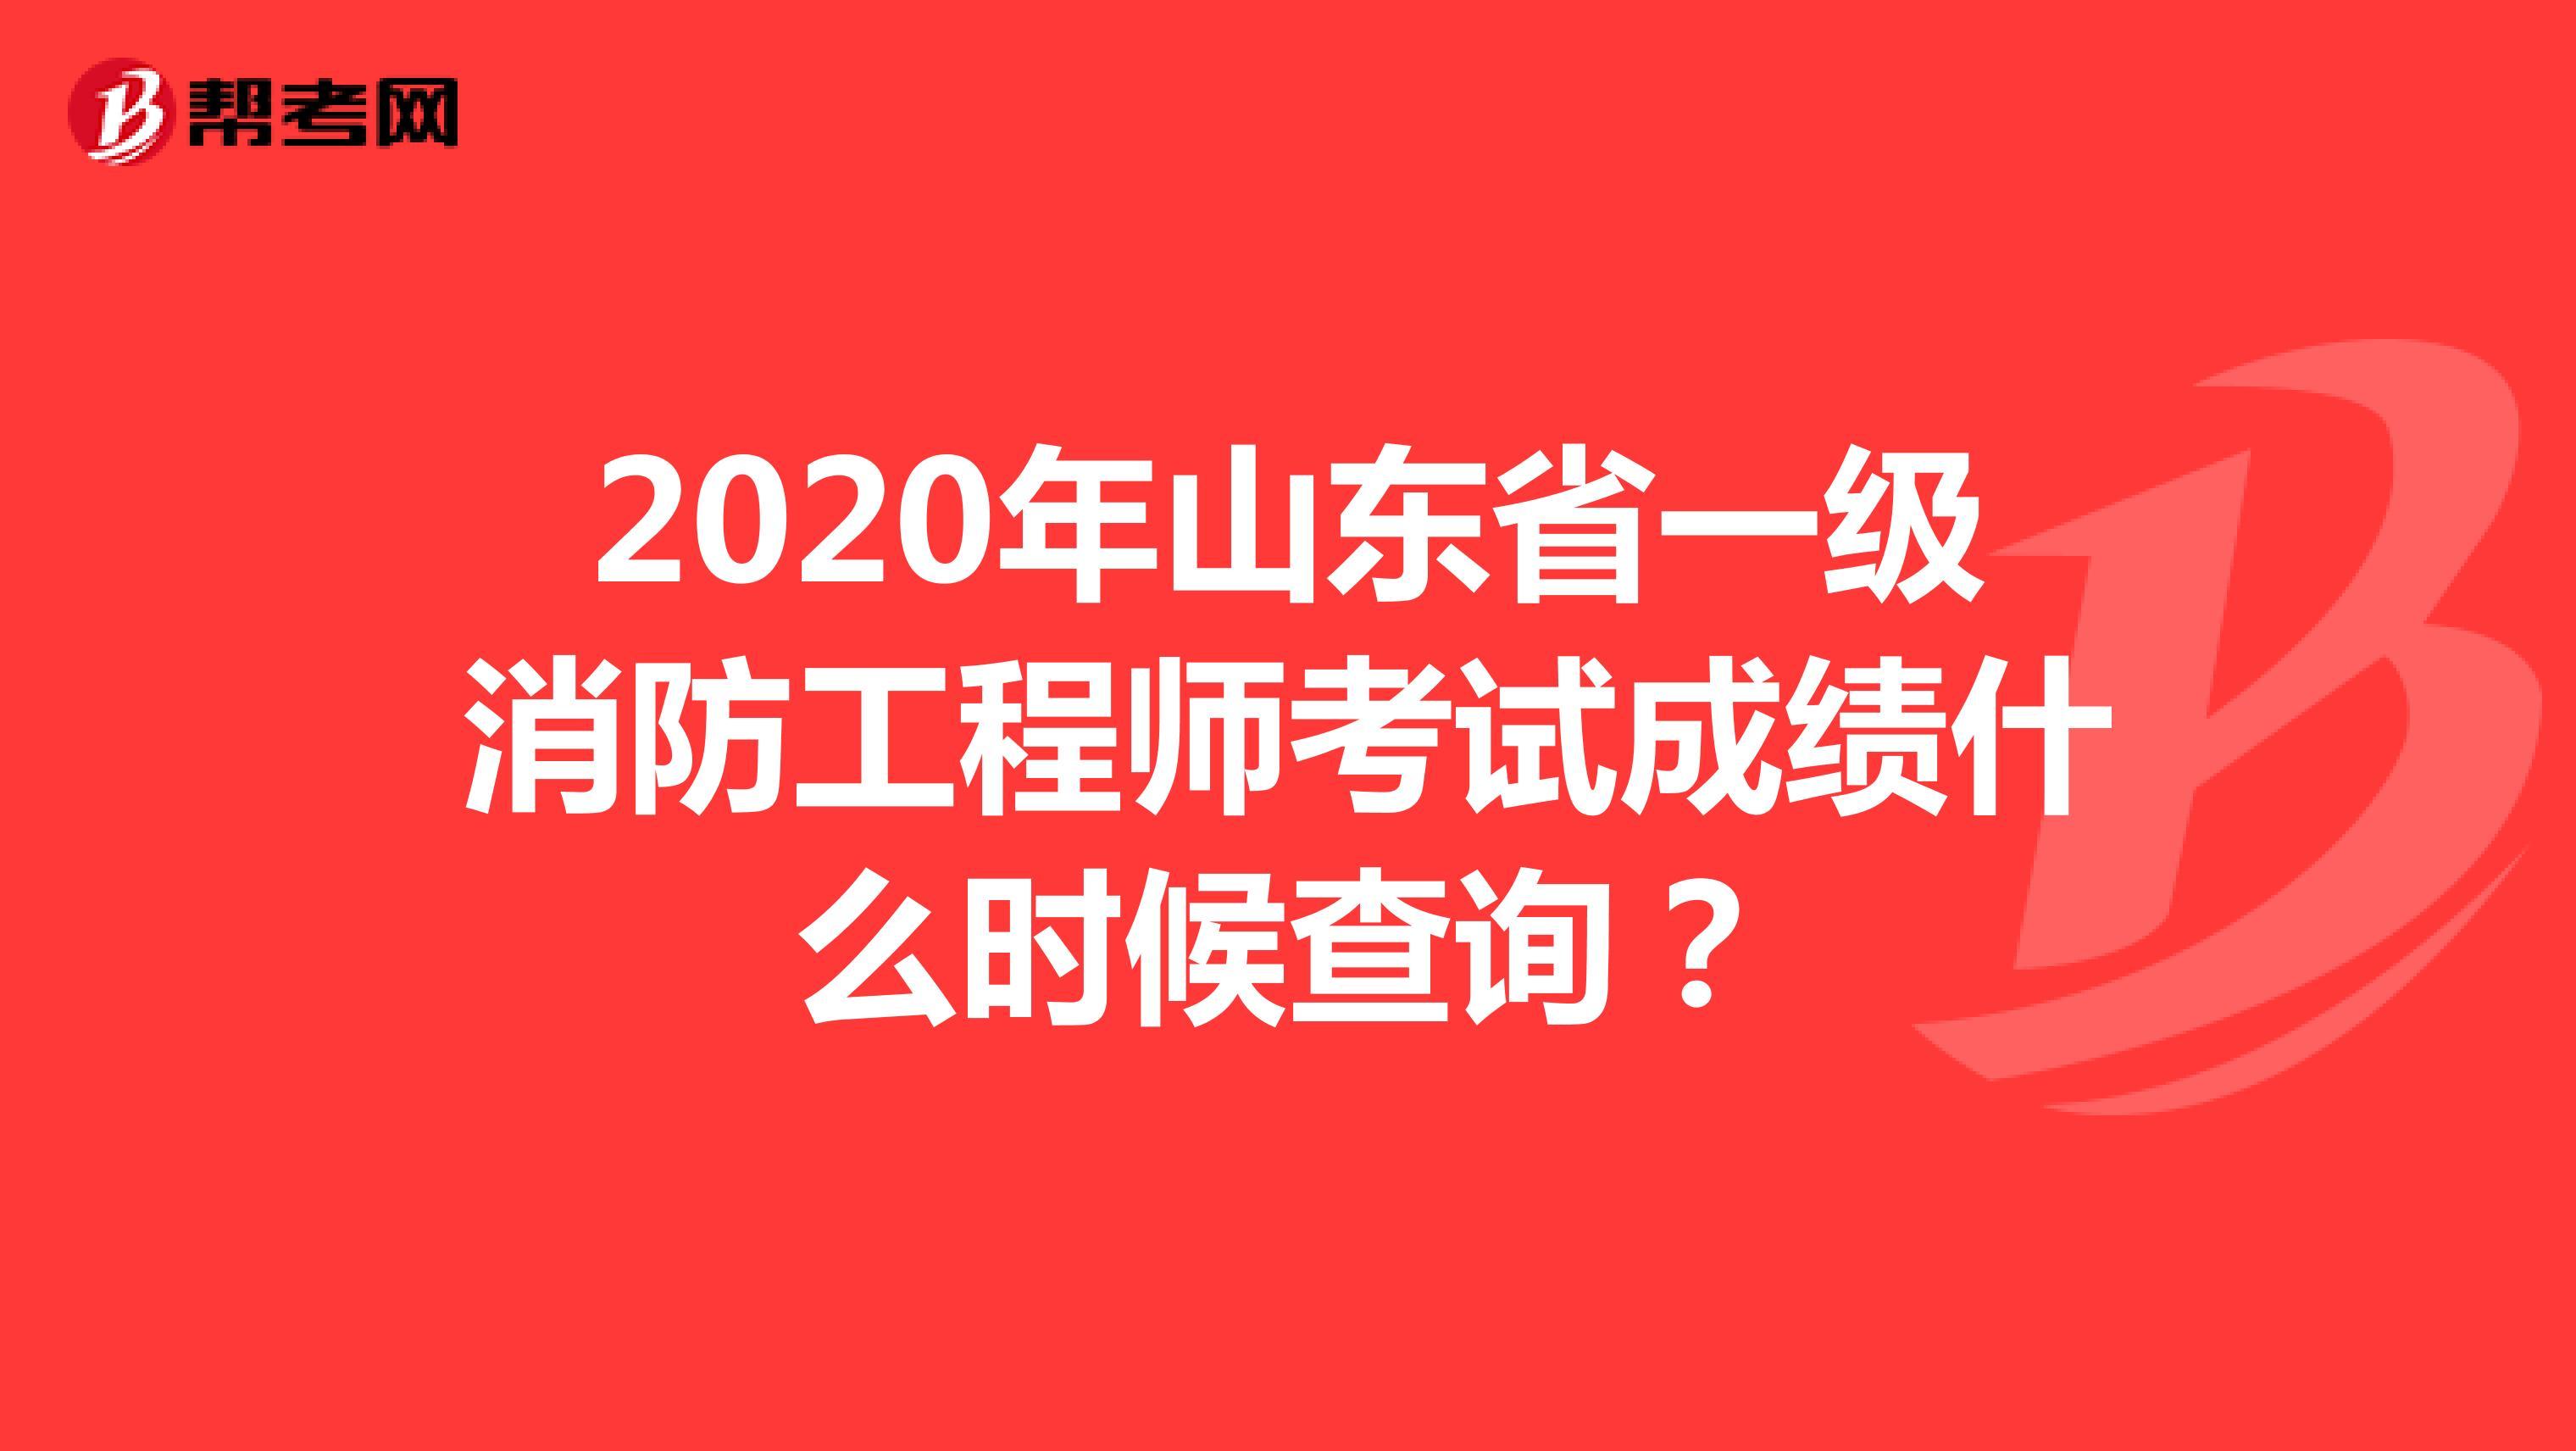 2020年山东省一级消防工程师威廉希尔什么时候查询?